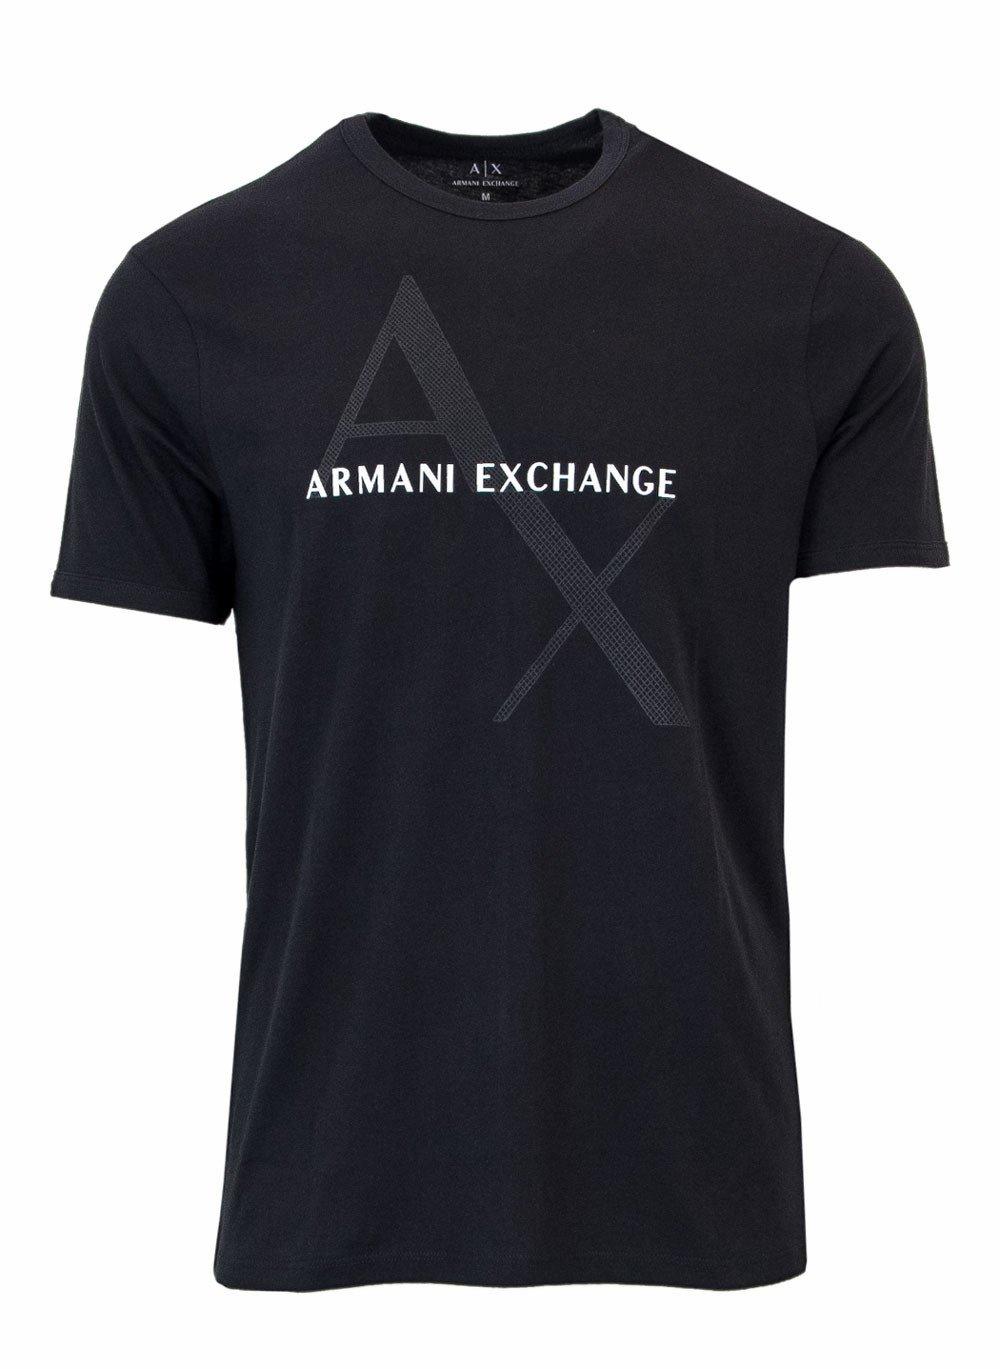 Armani Exchange Men's Polo Shirt Black 165212 - black-1 XS